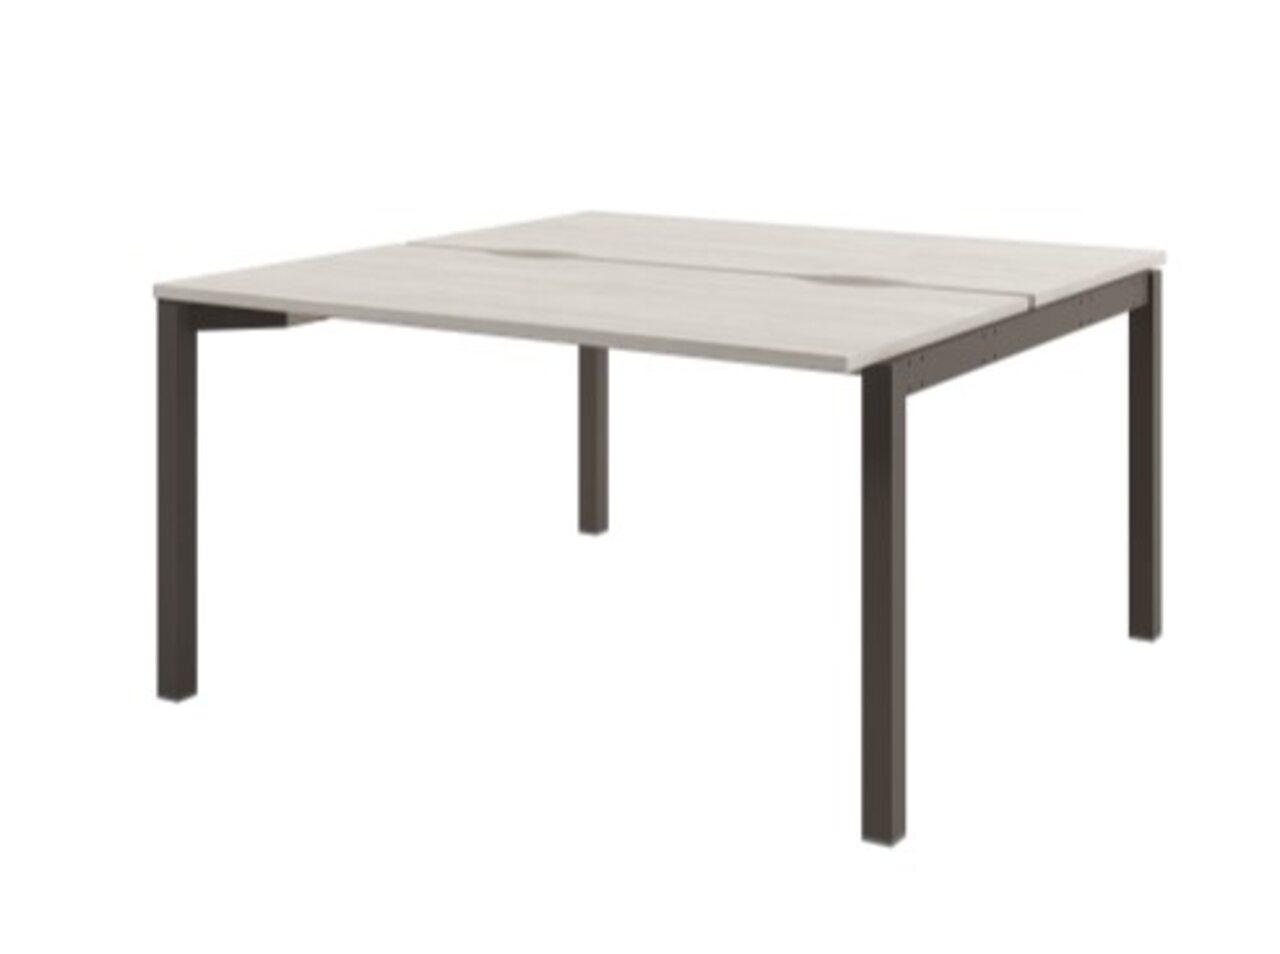 Бенч-система столов-тандемов  Solution 160x143x75 - фото 5